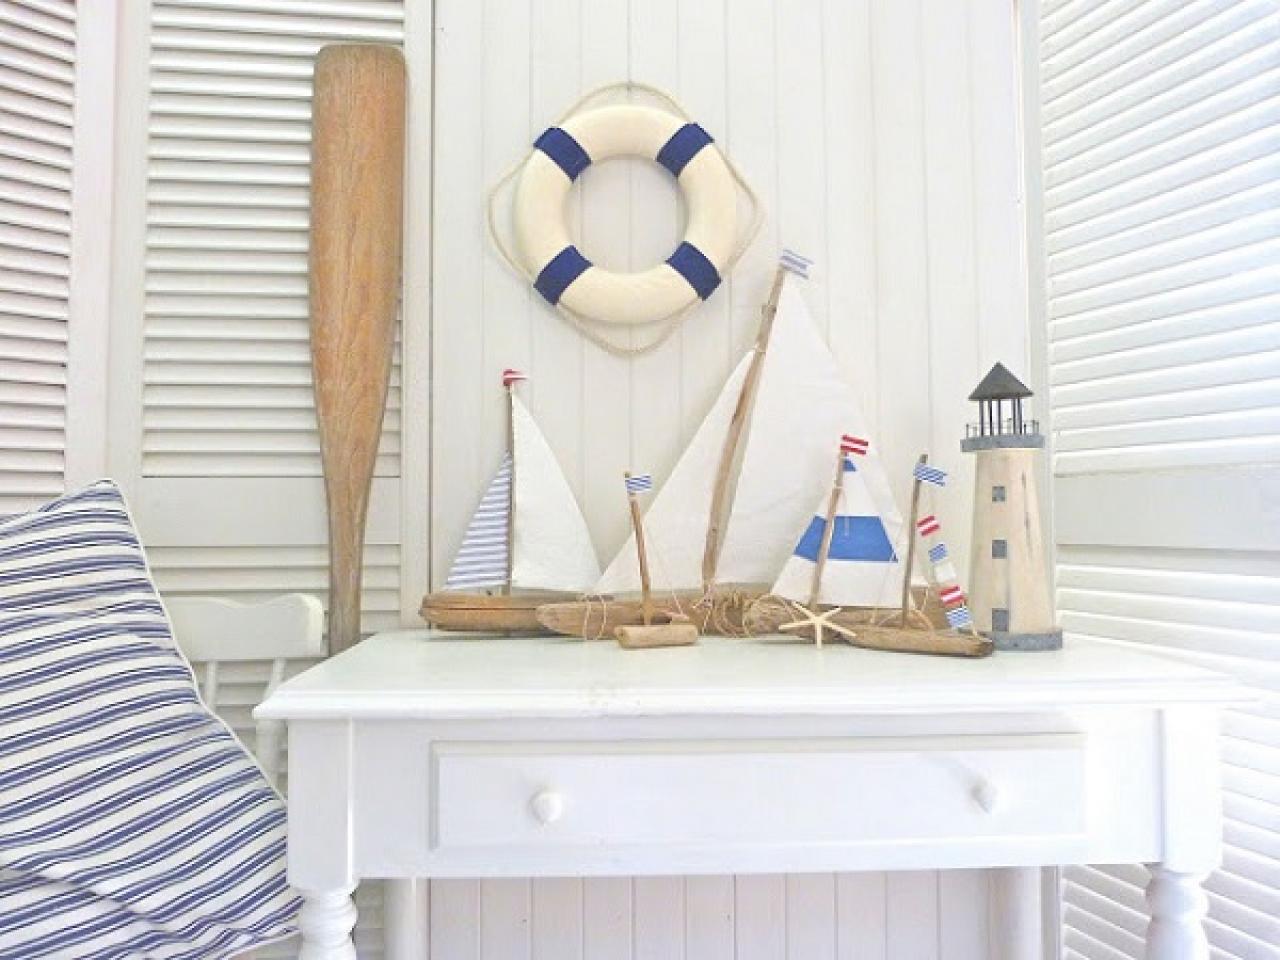 home decor Nautical decorations